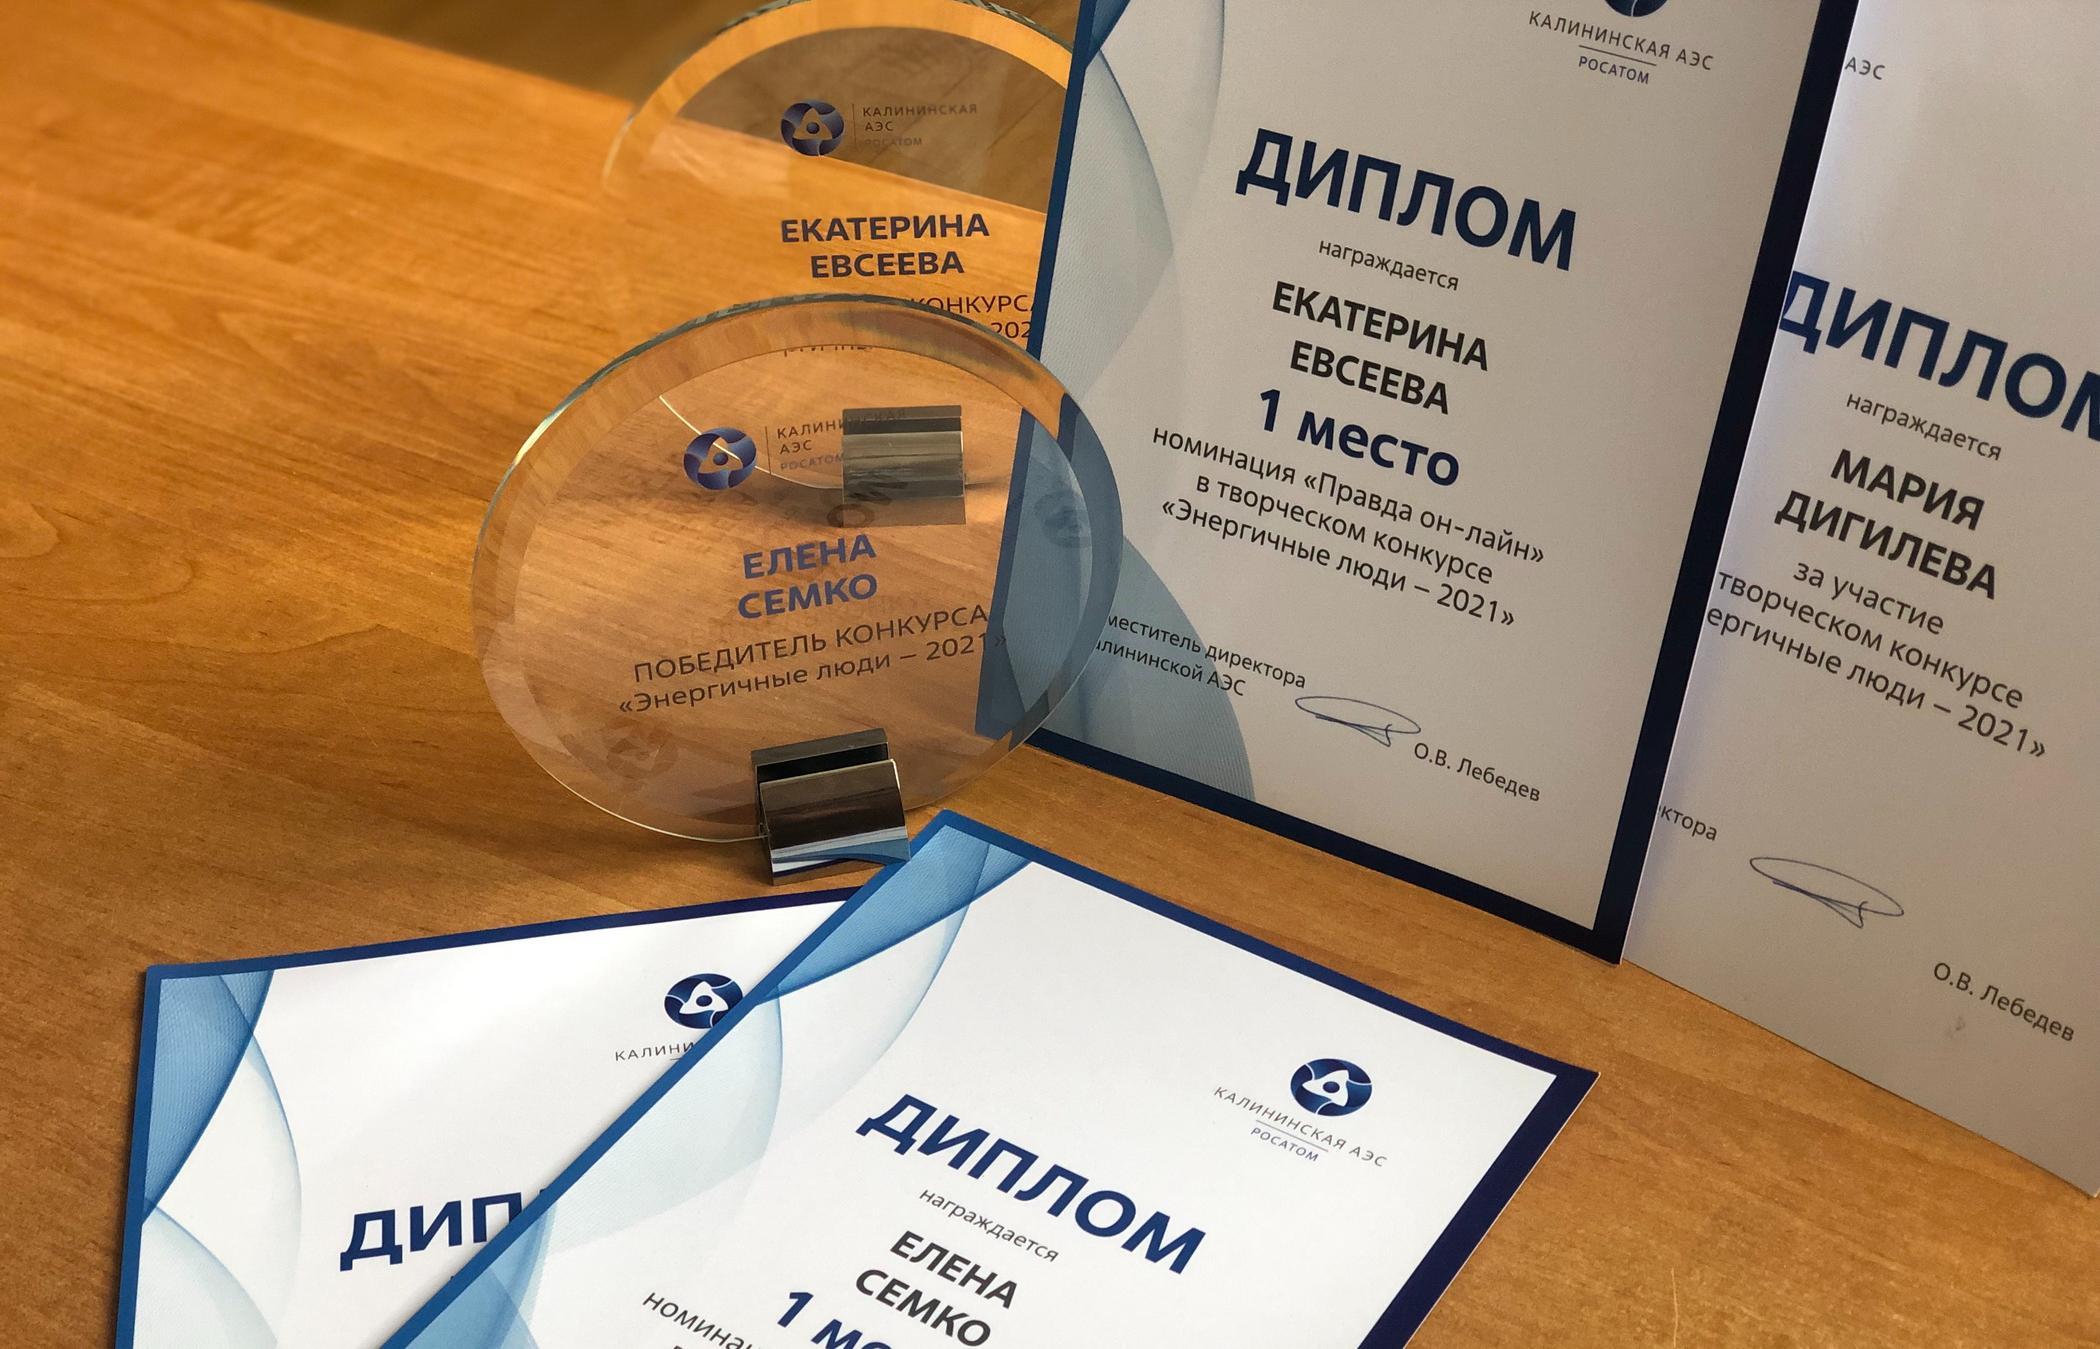 Калининская АЭС: тверских журналистов наградили за лучшее освещение темы развития атомной энергетики - новости Афанасий